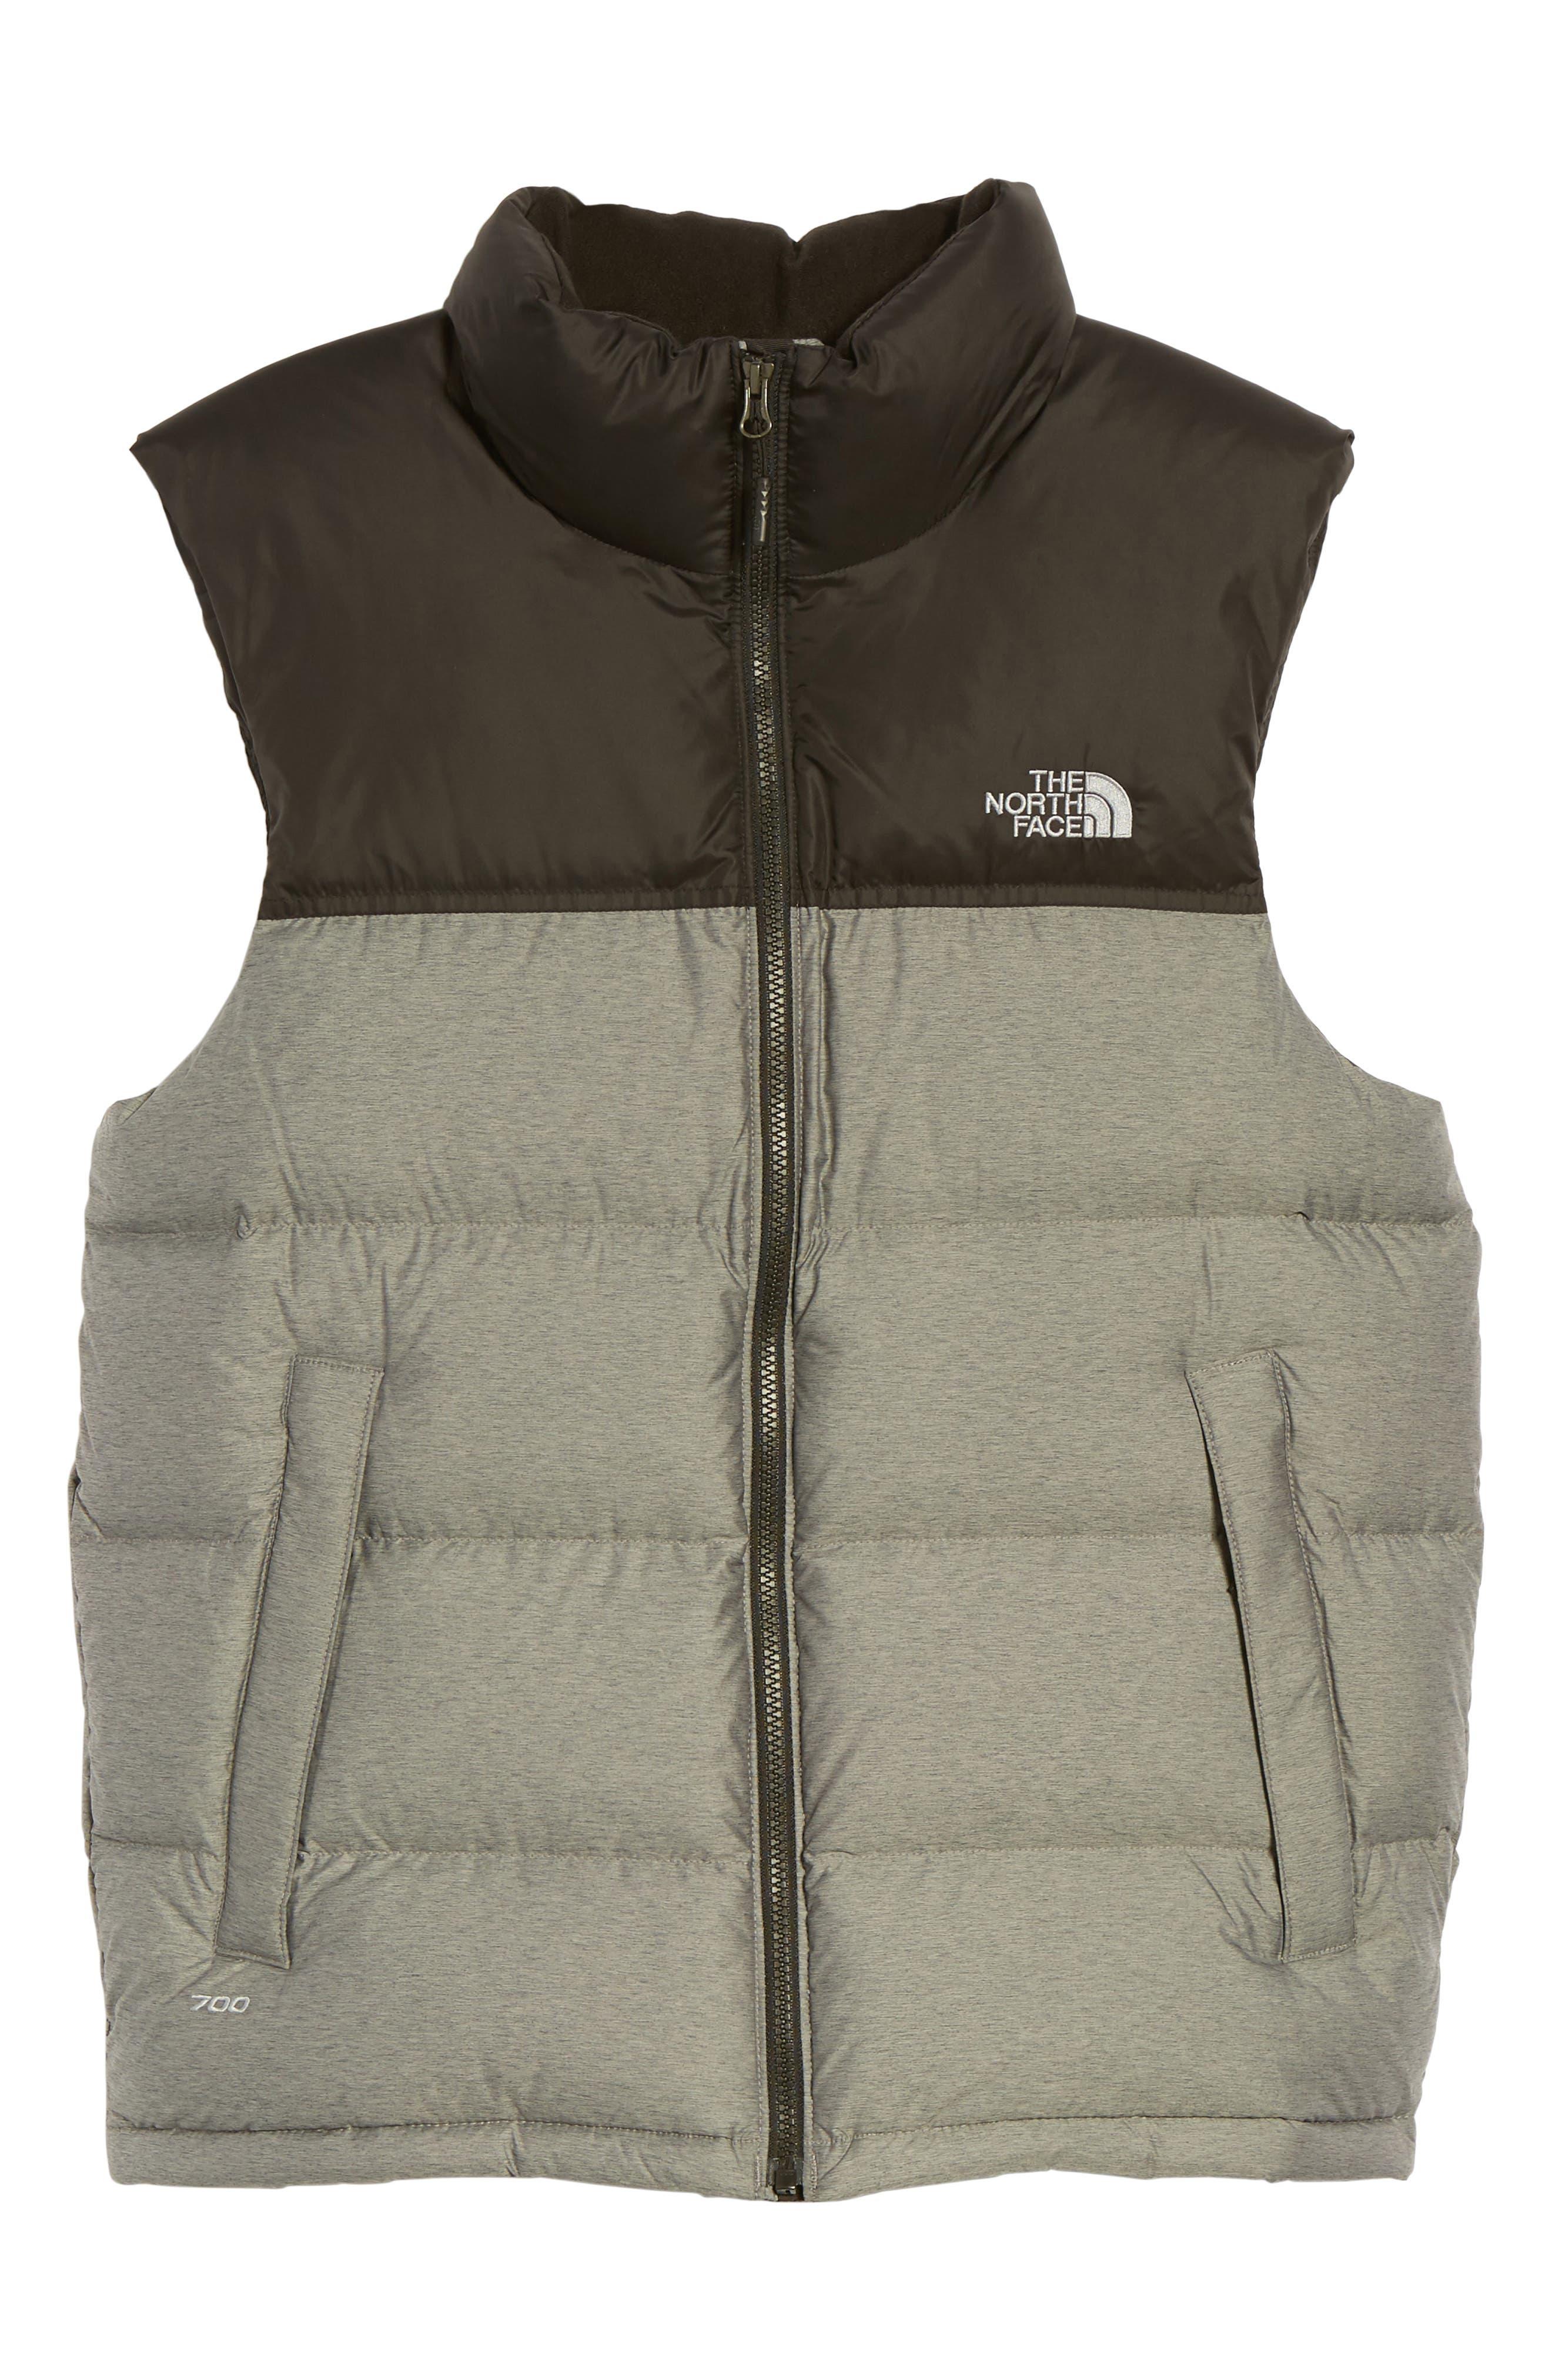 Nuptse Water Repellent Down Vest,                         Main,                         color, Medium Grey Heather/ Black